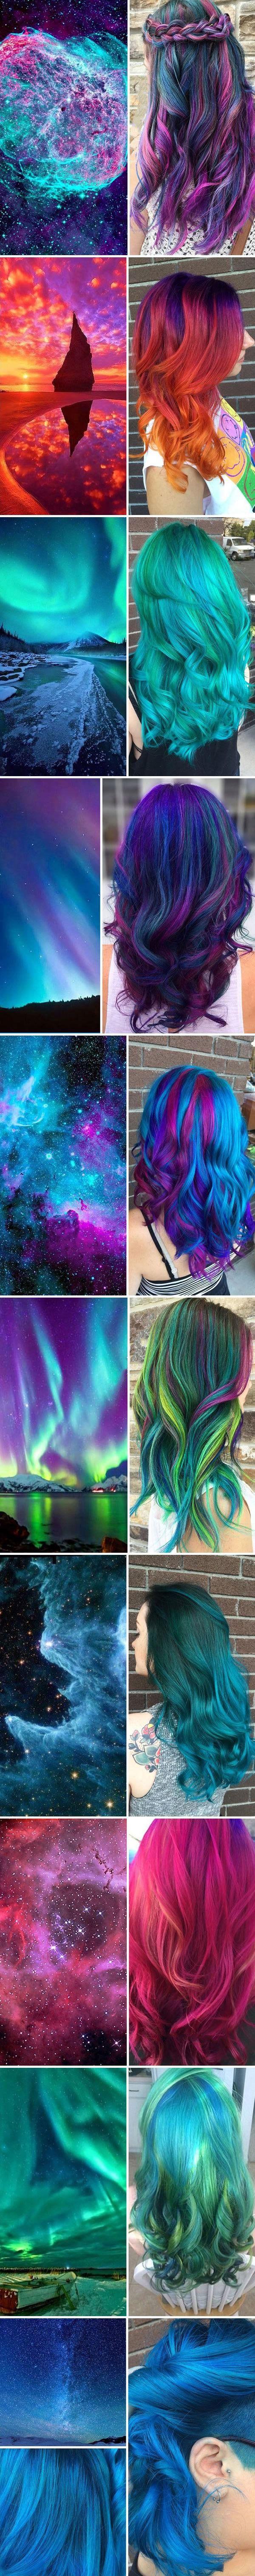 Diese Haare sind aus einer anderen Galaxie | Webfail - Fail Bilder und Fail…